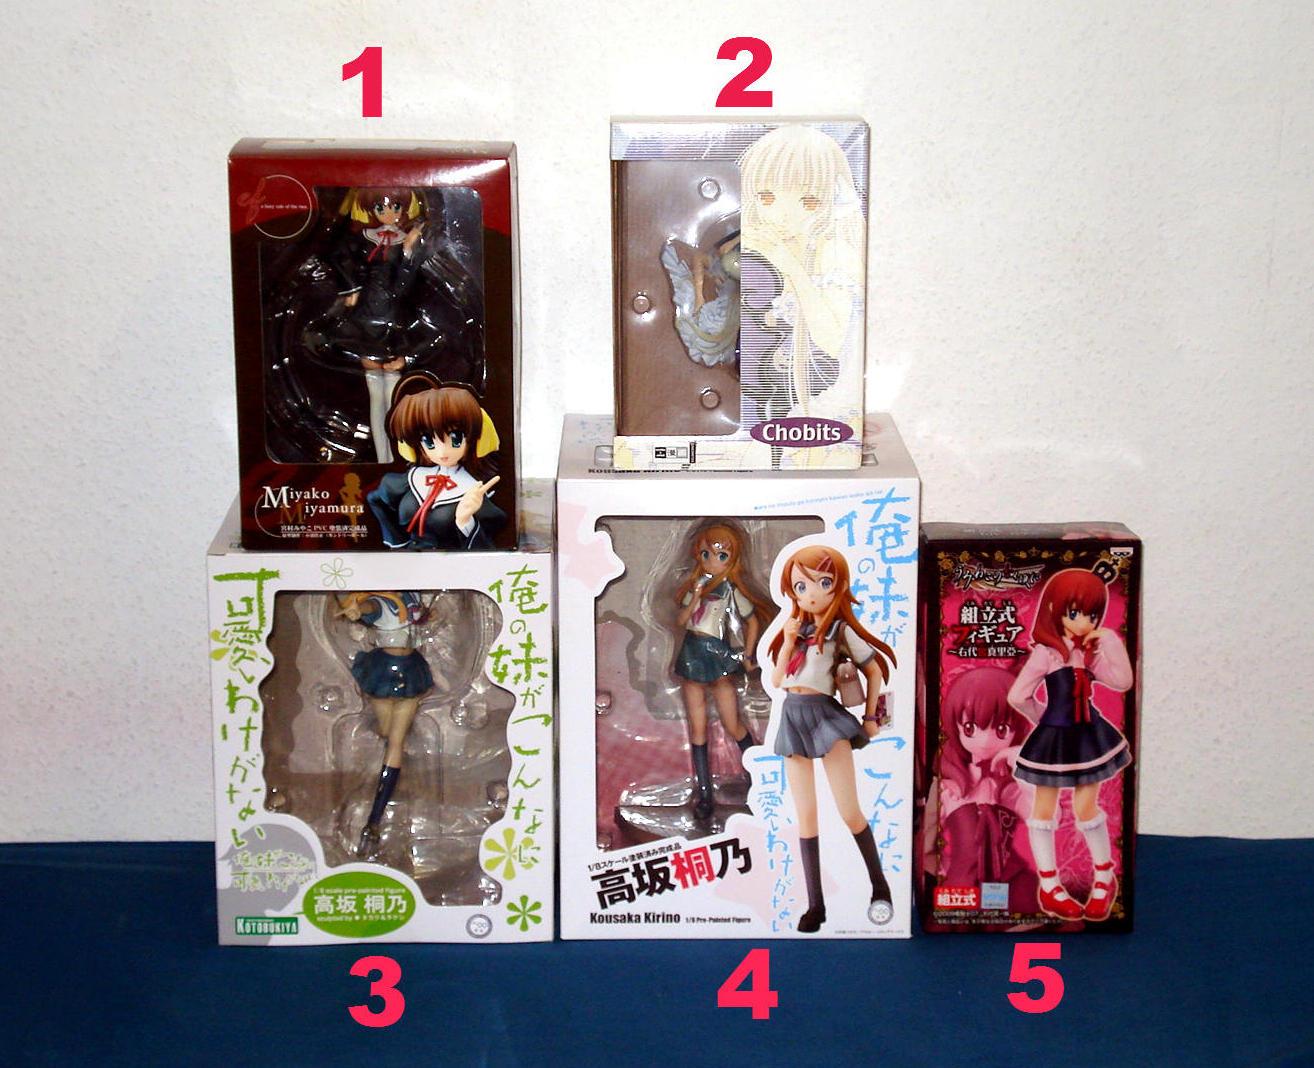 kotobukiya clamp chii chobits kaiyodo umineko_no_naku_koro_ni ushiromiya_maria banpresto miyamura_miyako chara-ani kousaka_kirino ore_no_imouto_ga_konna_ni_kawaii_wake_ga_nai takaku_&_takeshi toy's_works toy's_planning sugawara_(roughness) ef_-_a_fairy_tale_of_the_two. konuma_yoshimasa